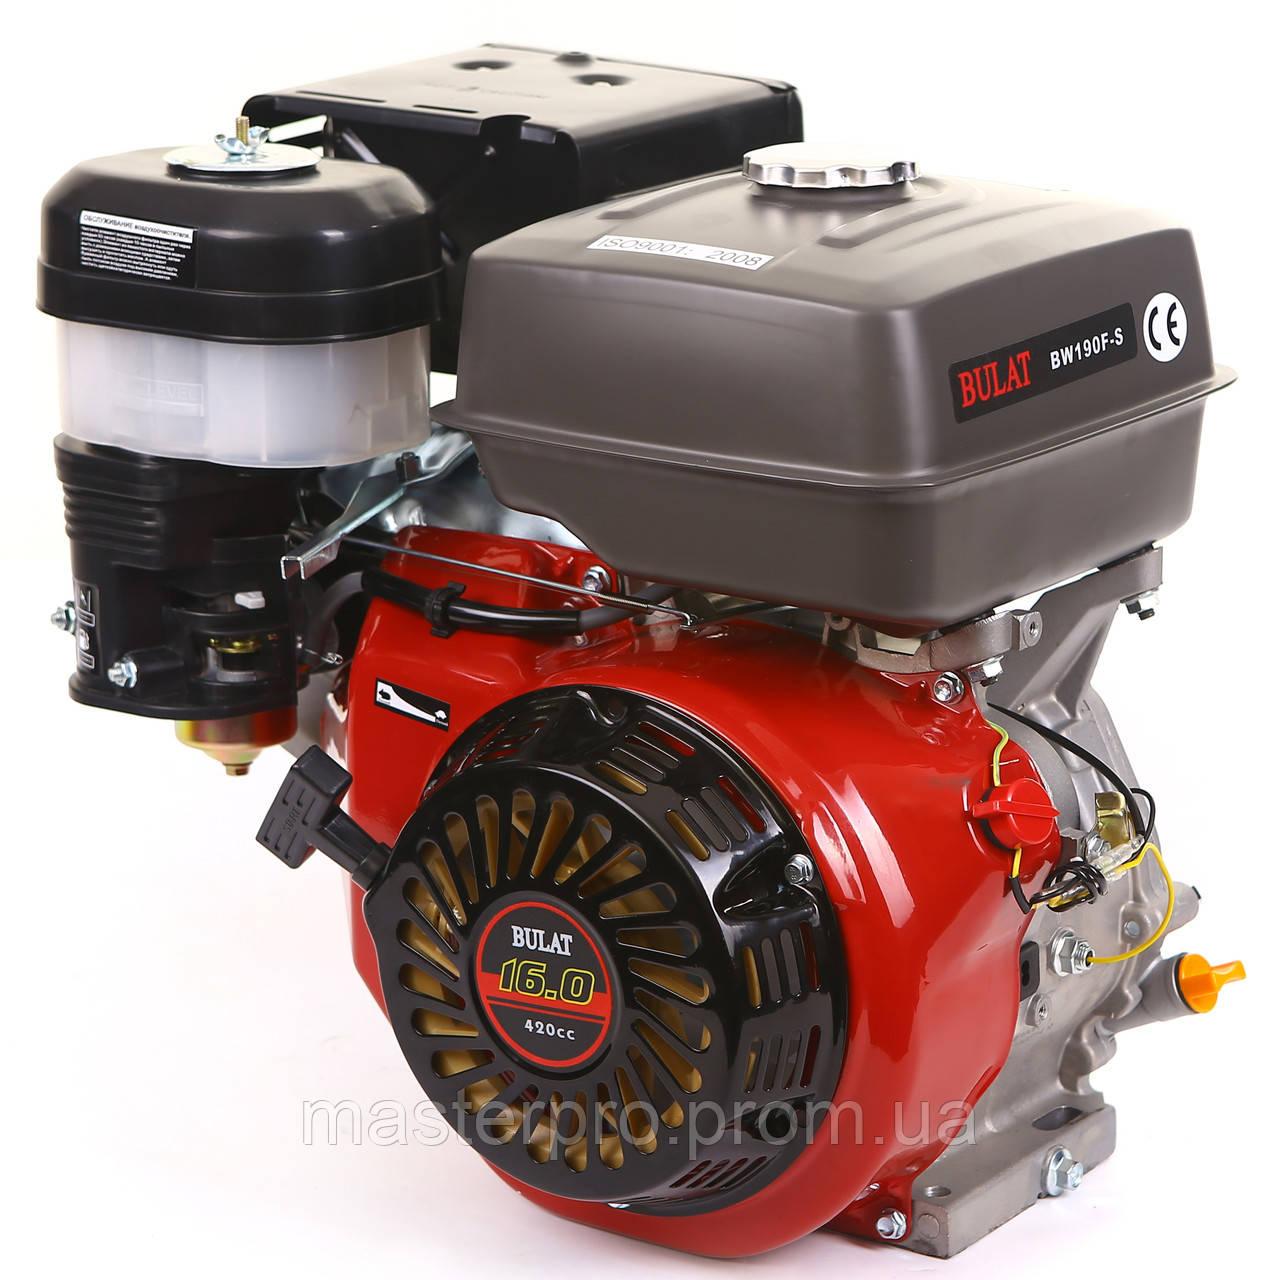 Двигатель бензиновый Bulat BW190F-S